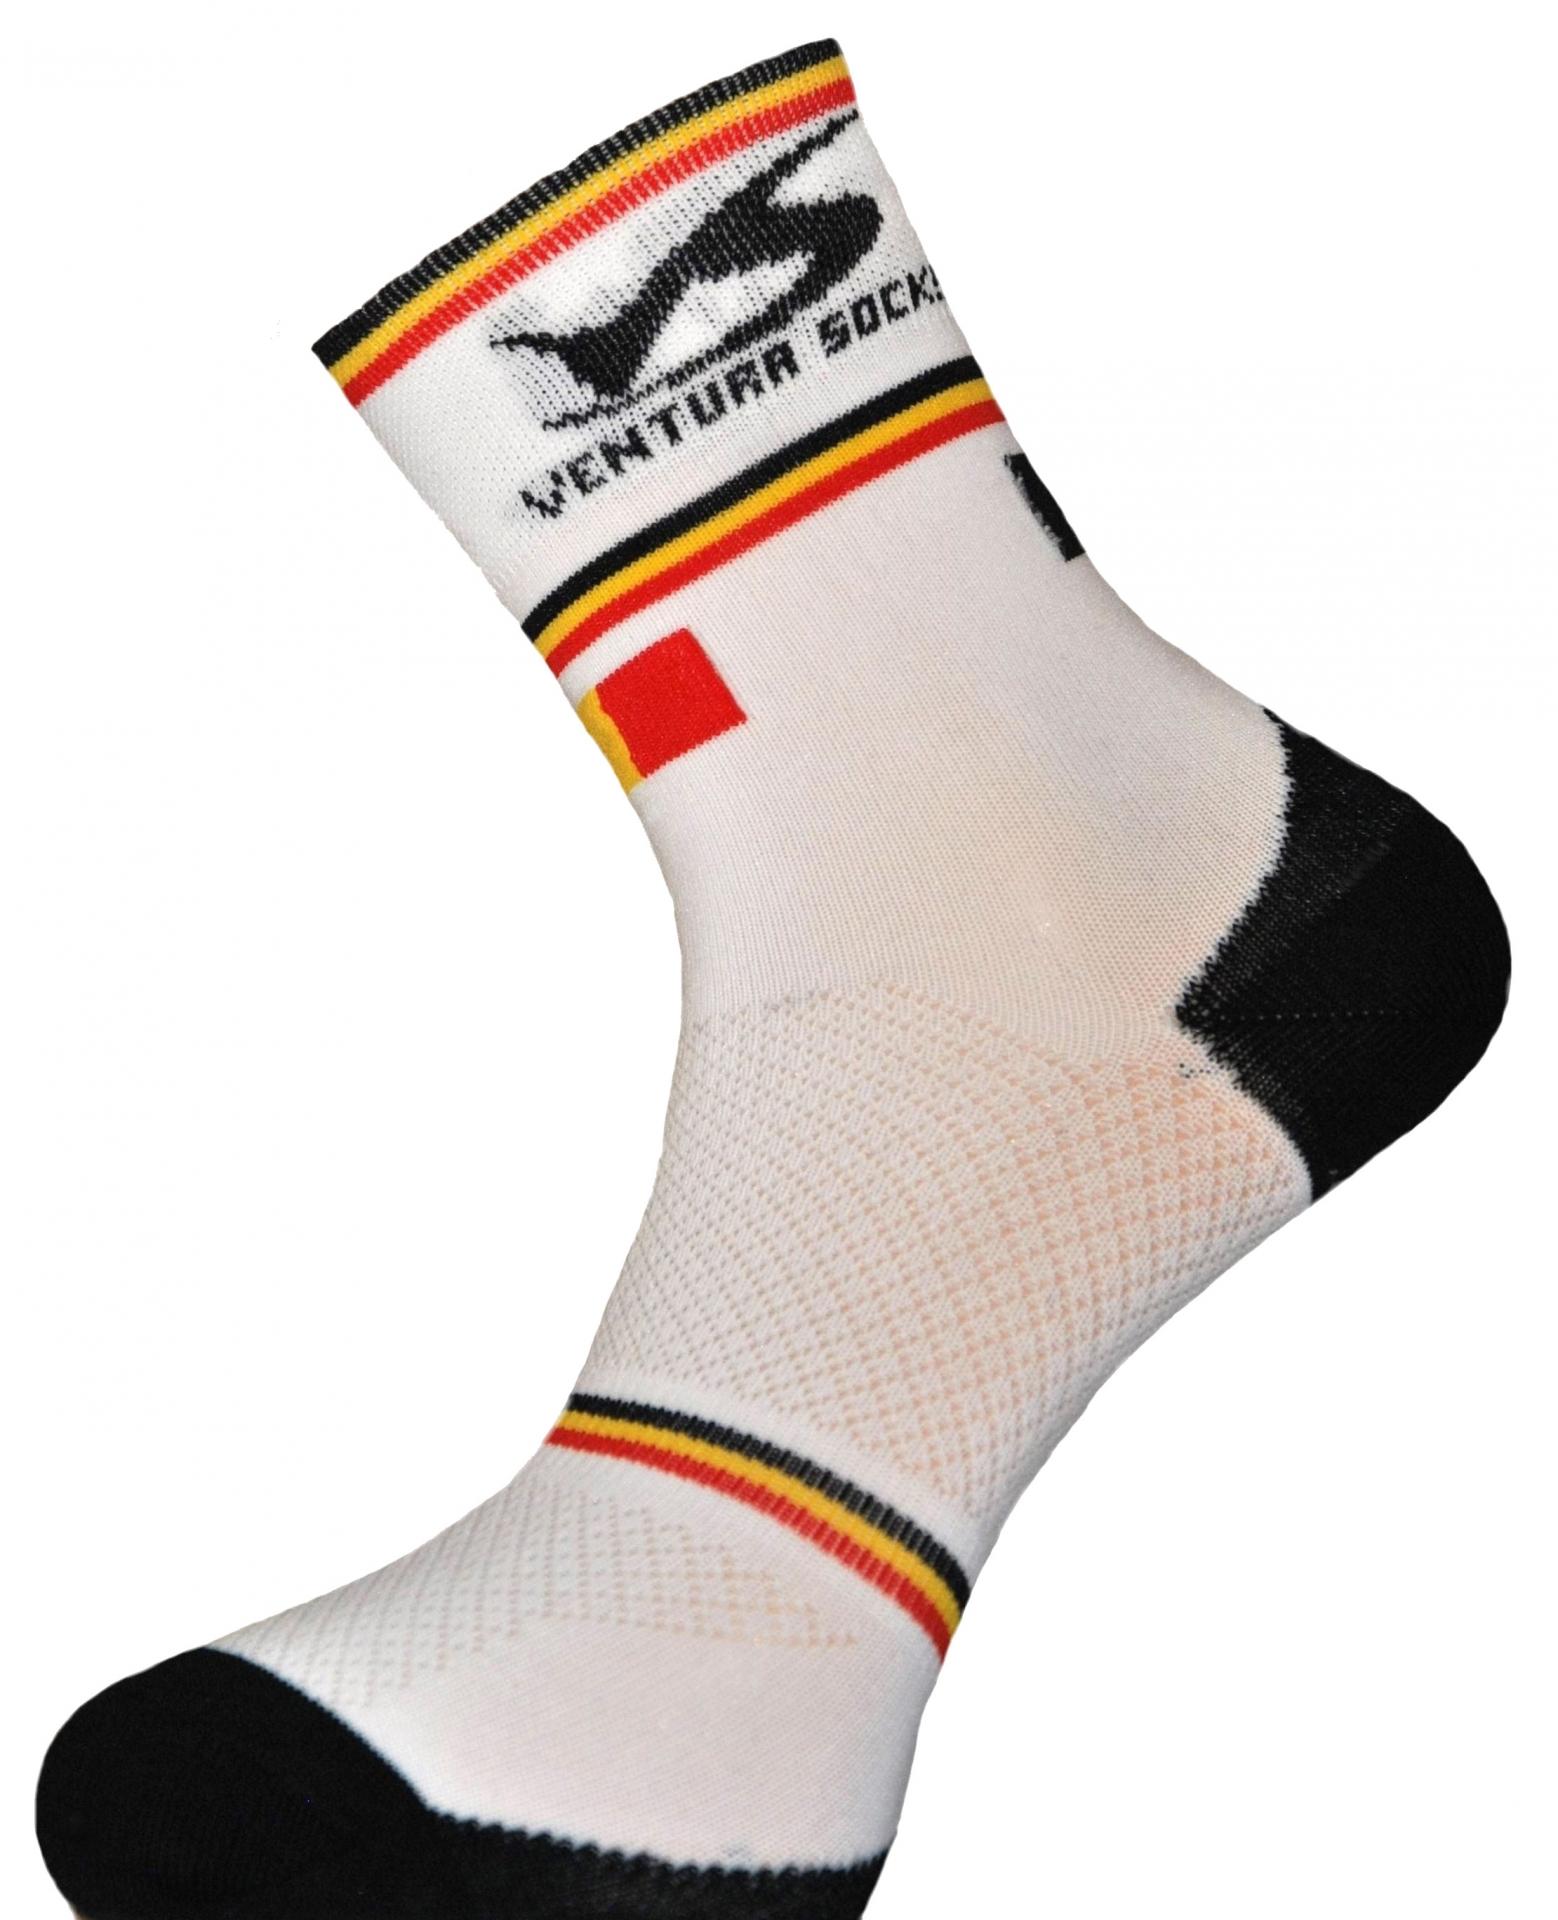 Chaussettes Ventura Socks Carbone Nation Belgique Blanc - 39/42